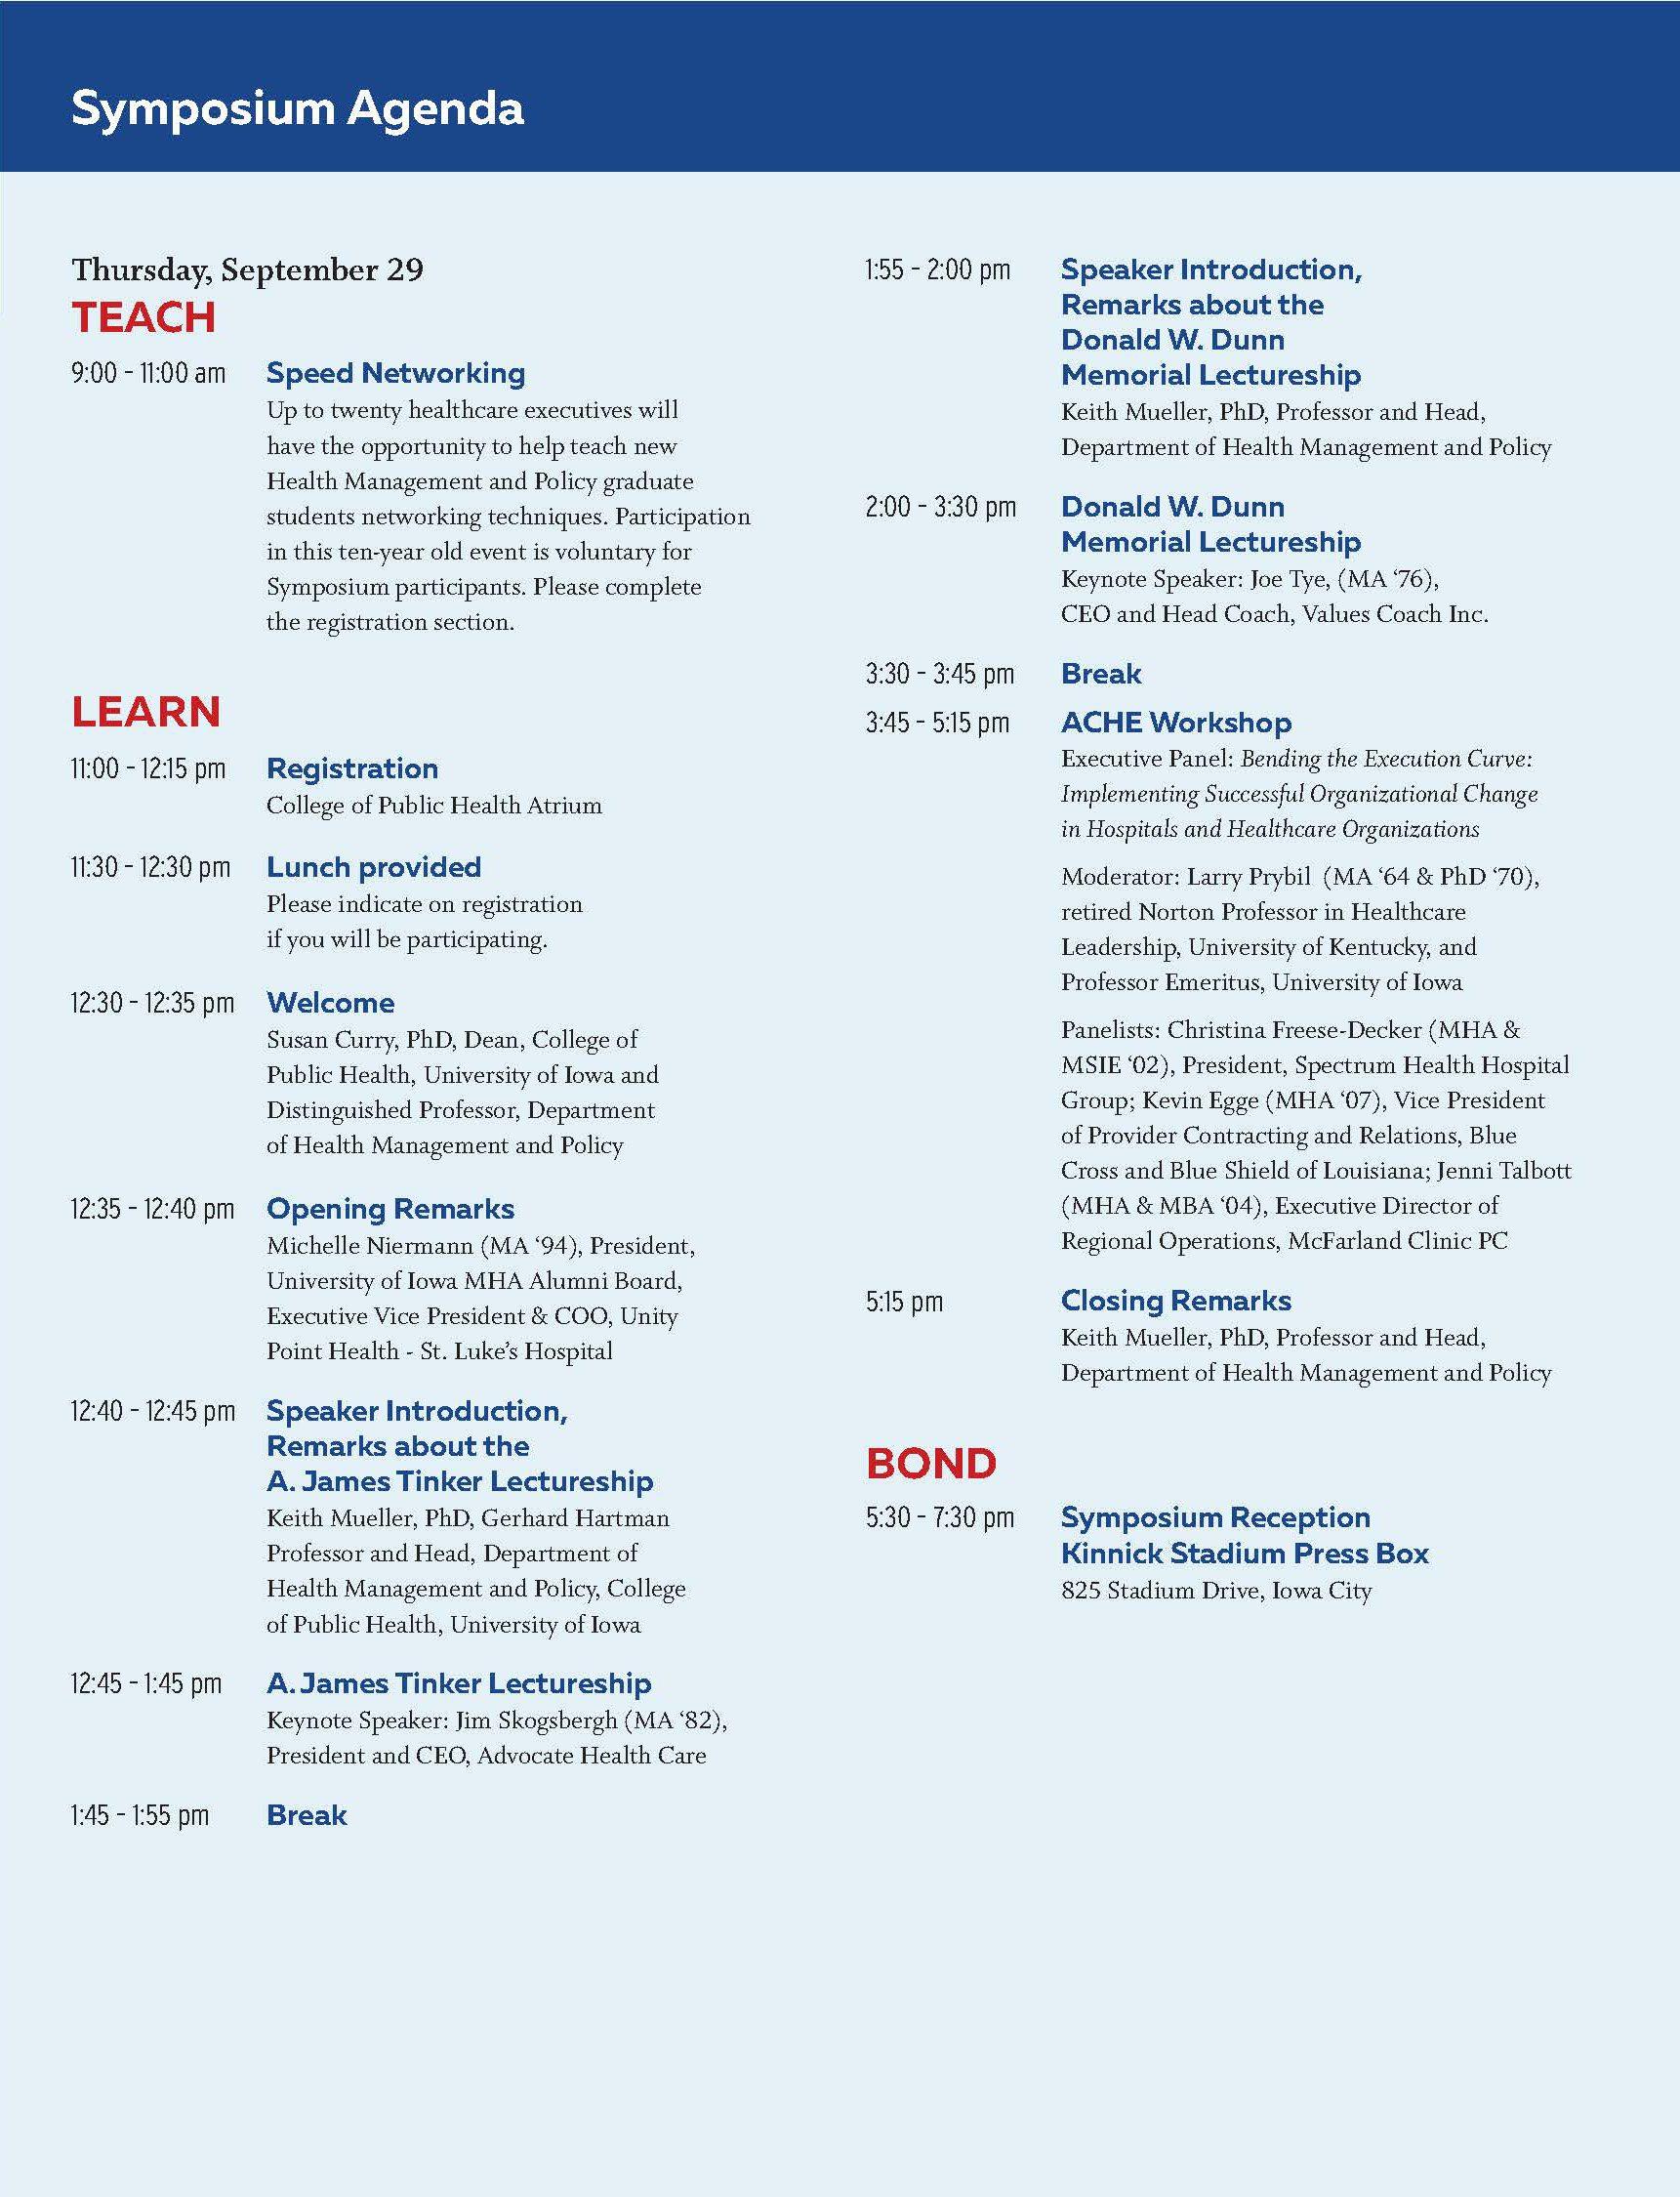 SLHL Symposium agenda 1